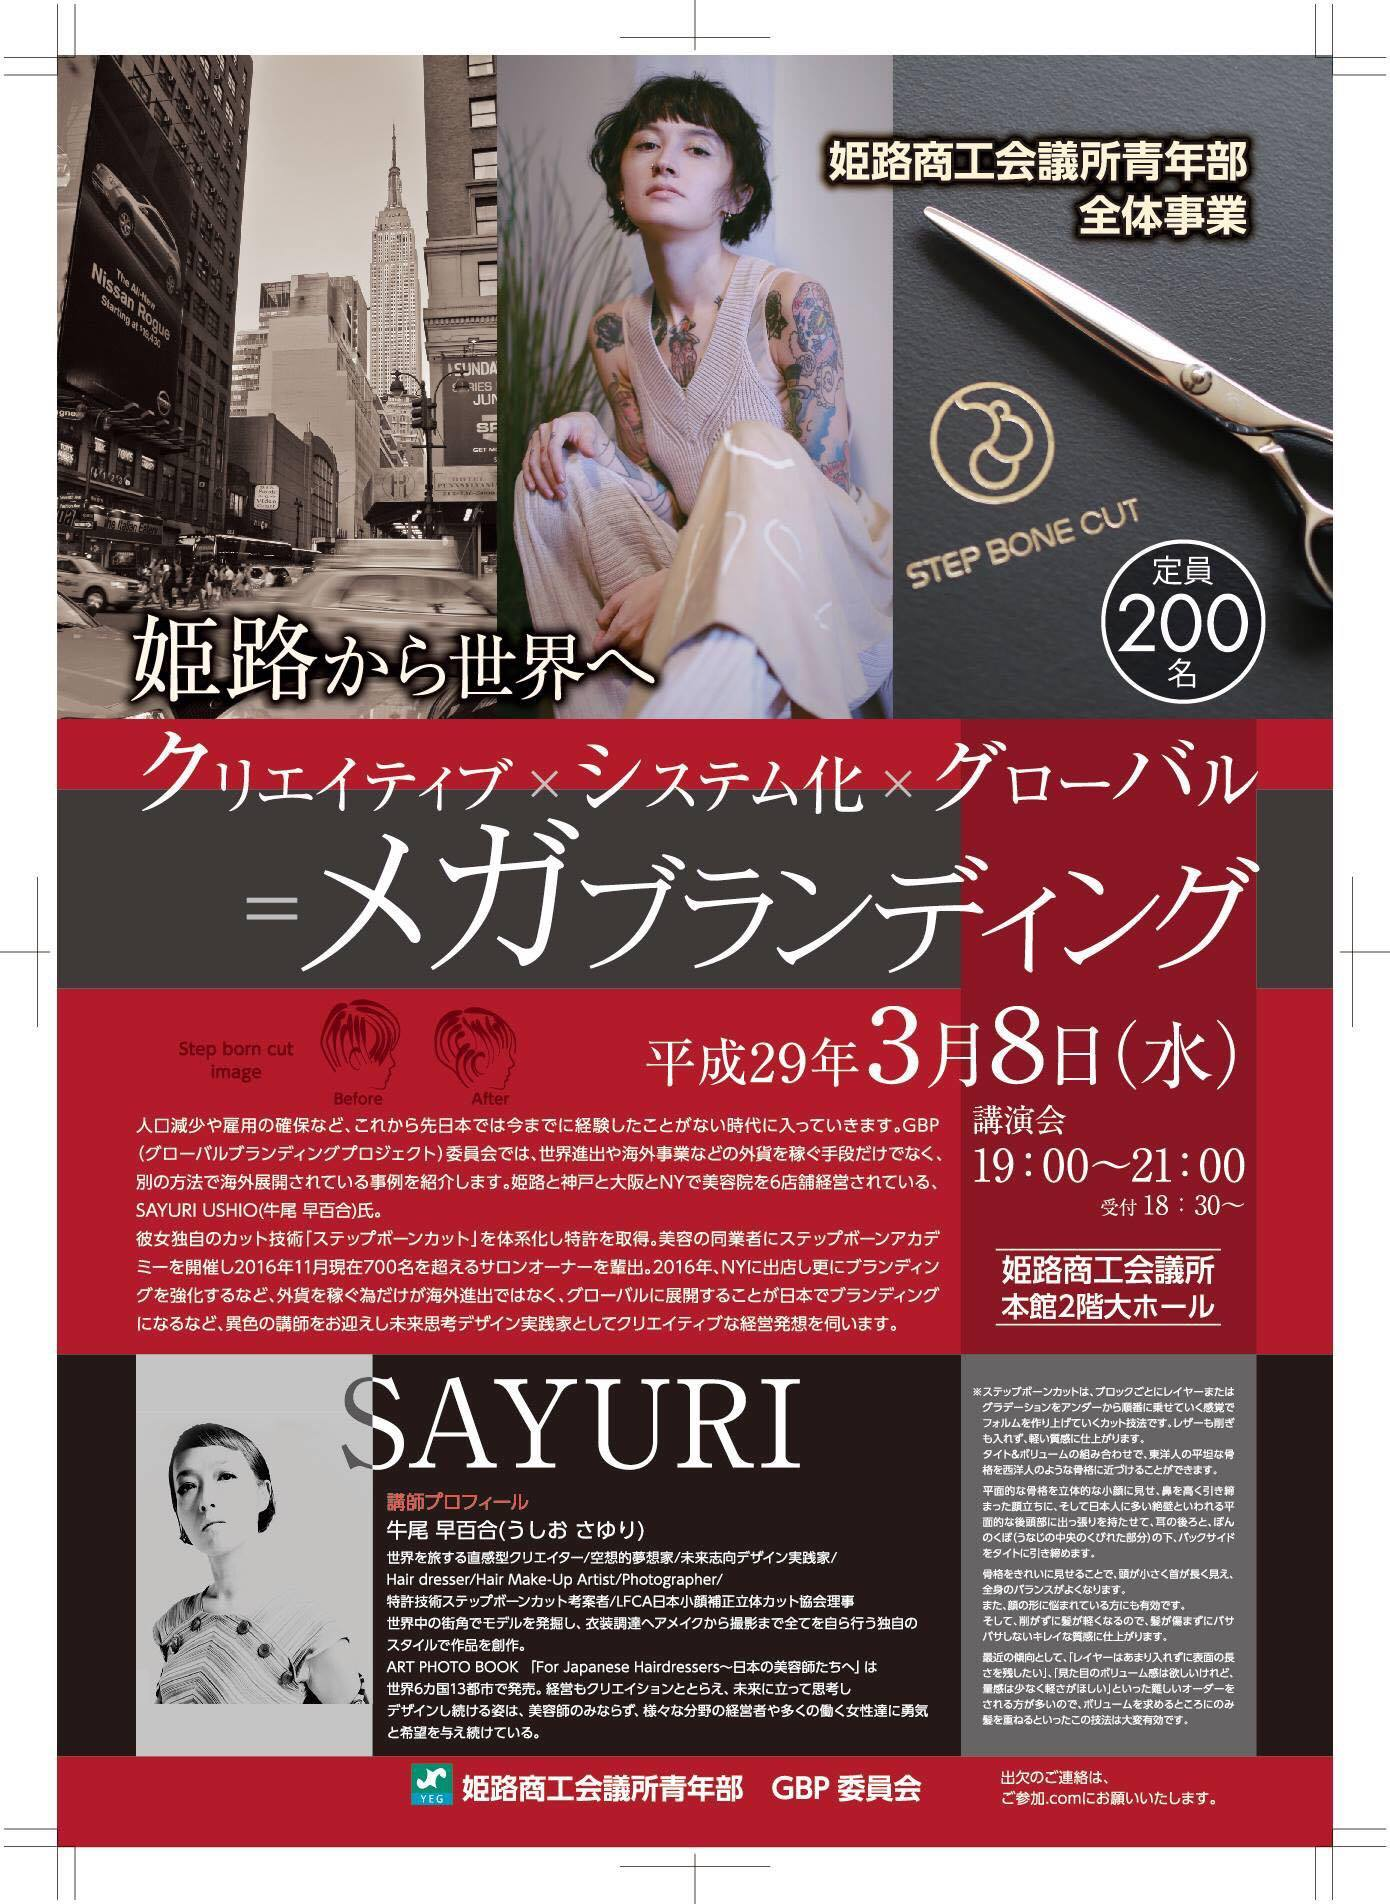 SAYURI USHIO (牛尾 早百合)